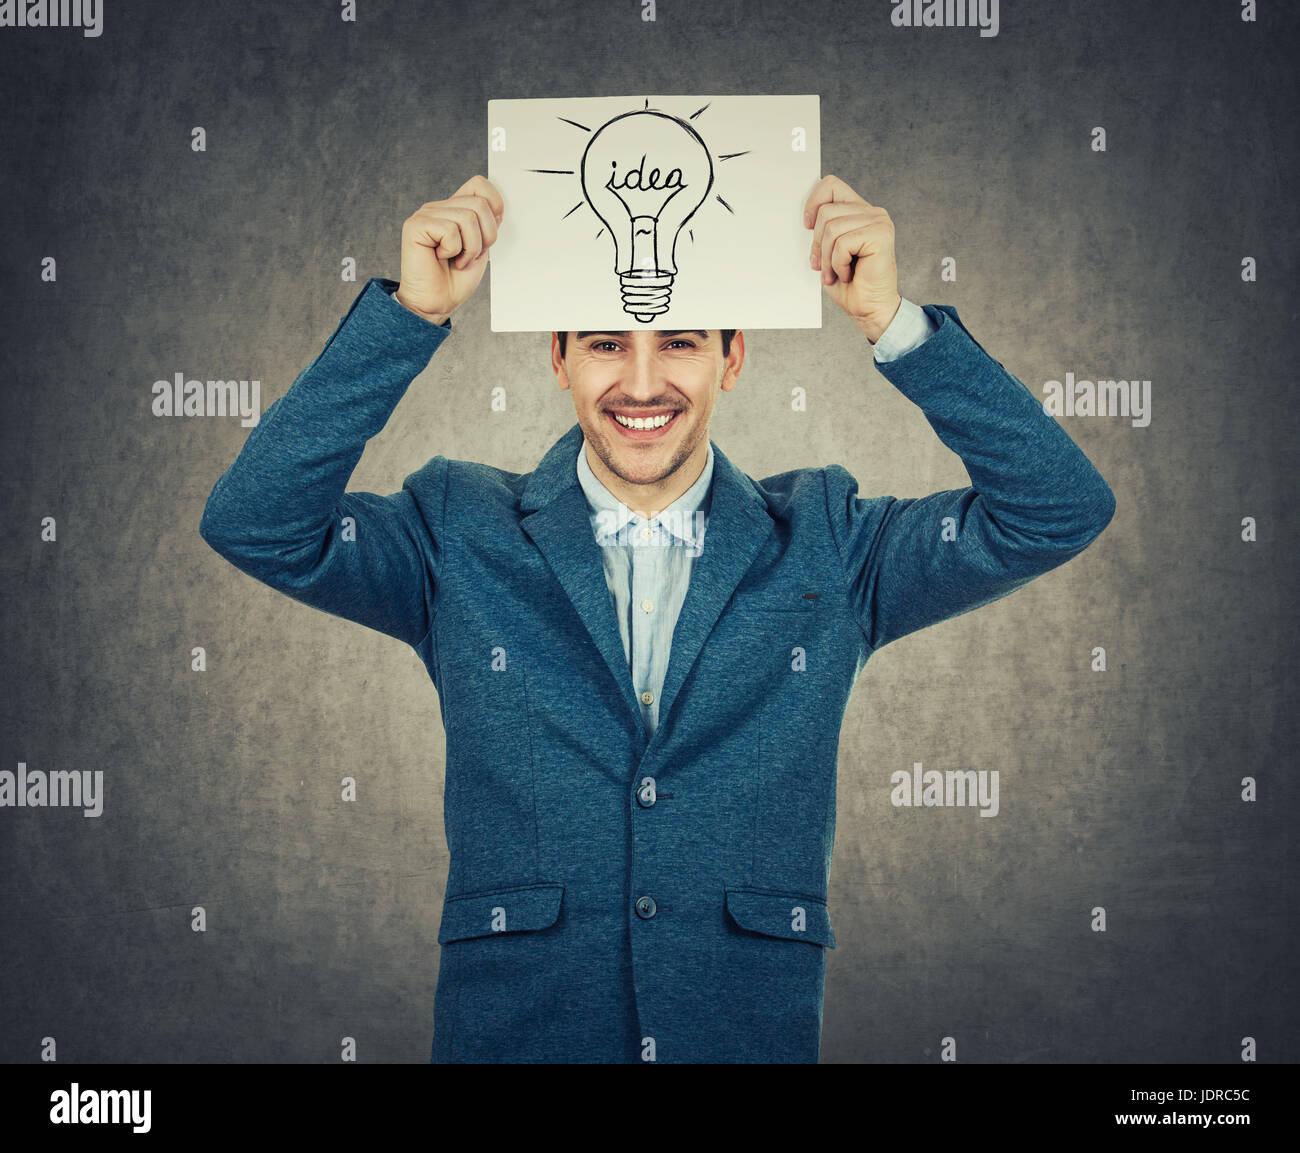 Lächelnd, Geschäftsmann oder Lehrer hält ein Weißbuch über seinem Kopf mit einer Glühbirne Stockbild